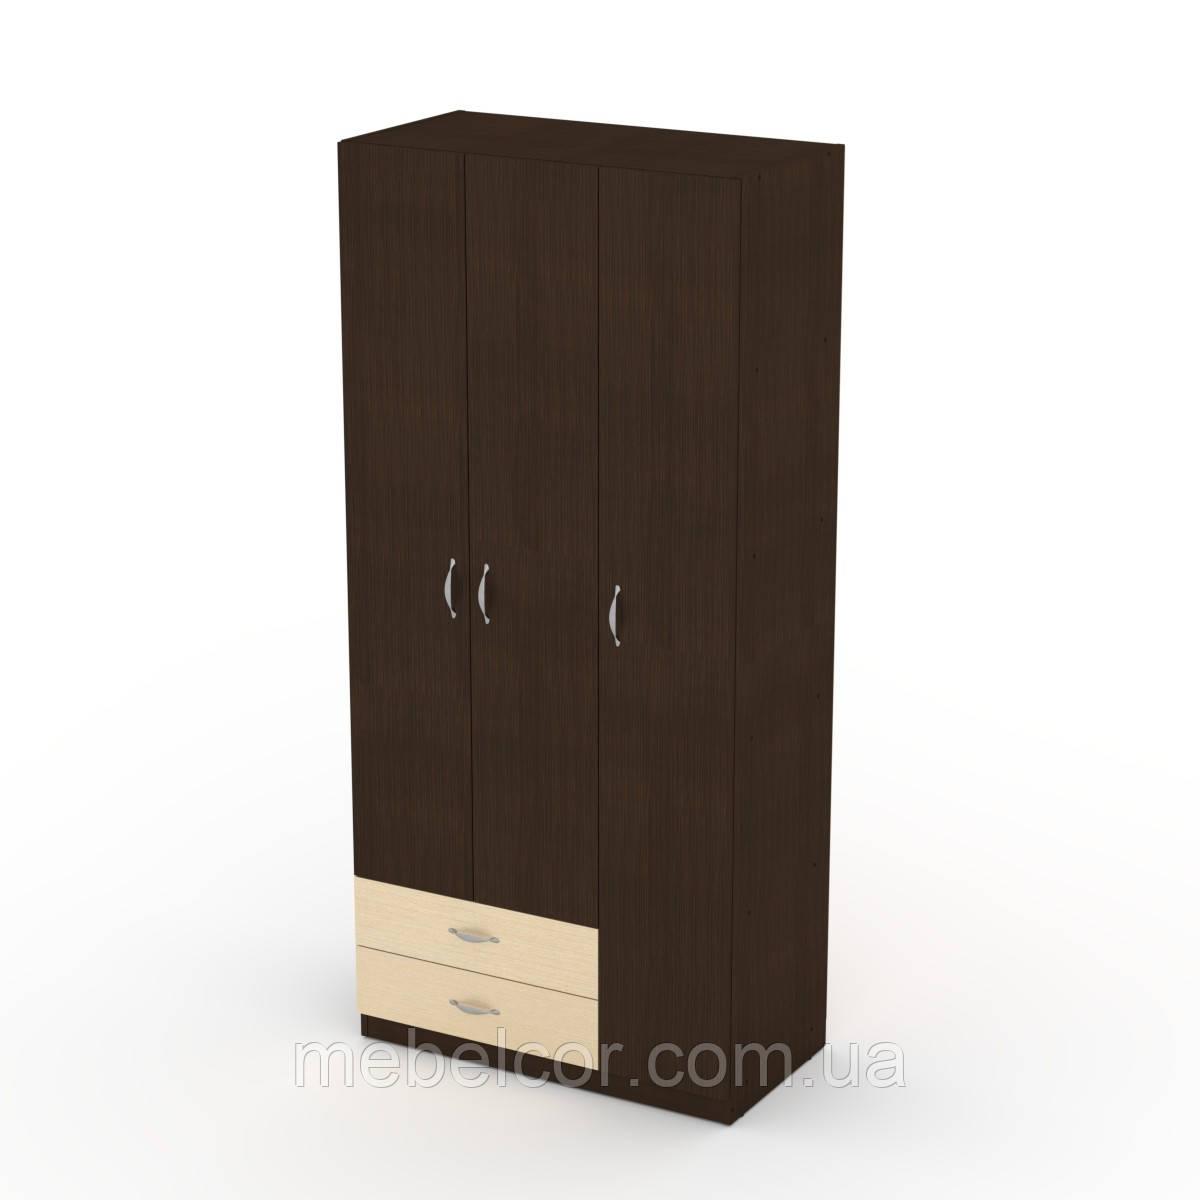 Шкаф-13 ширина 900 мм с полками и ящиками для вещей и отделом для верхней одежды